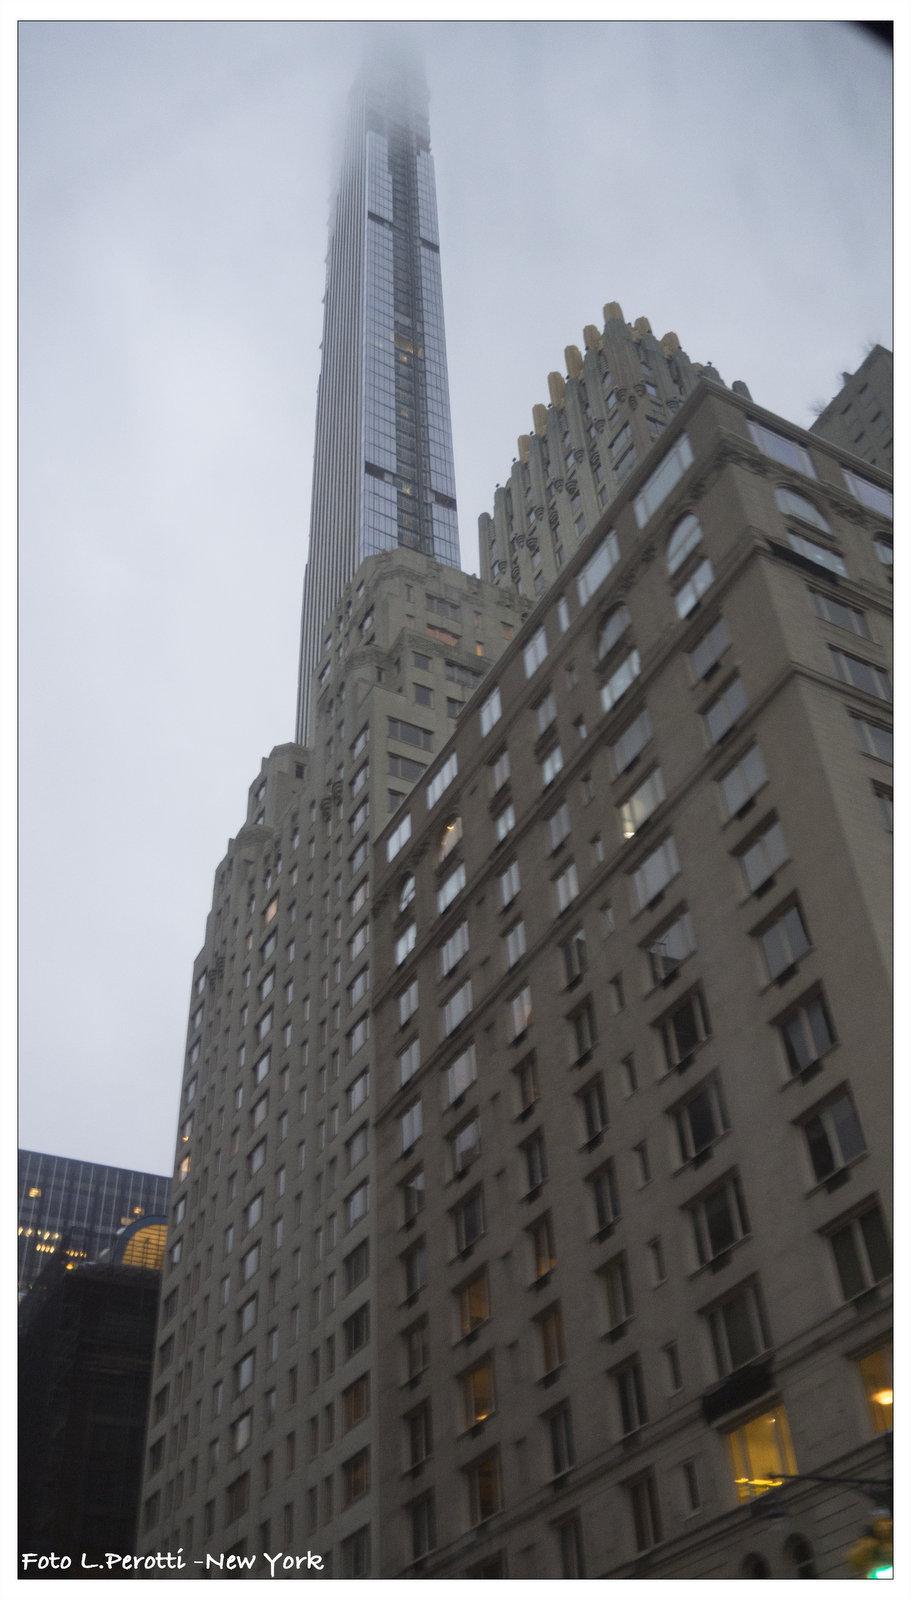 Prime foto in New York